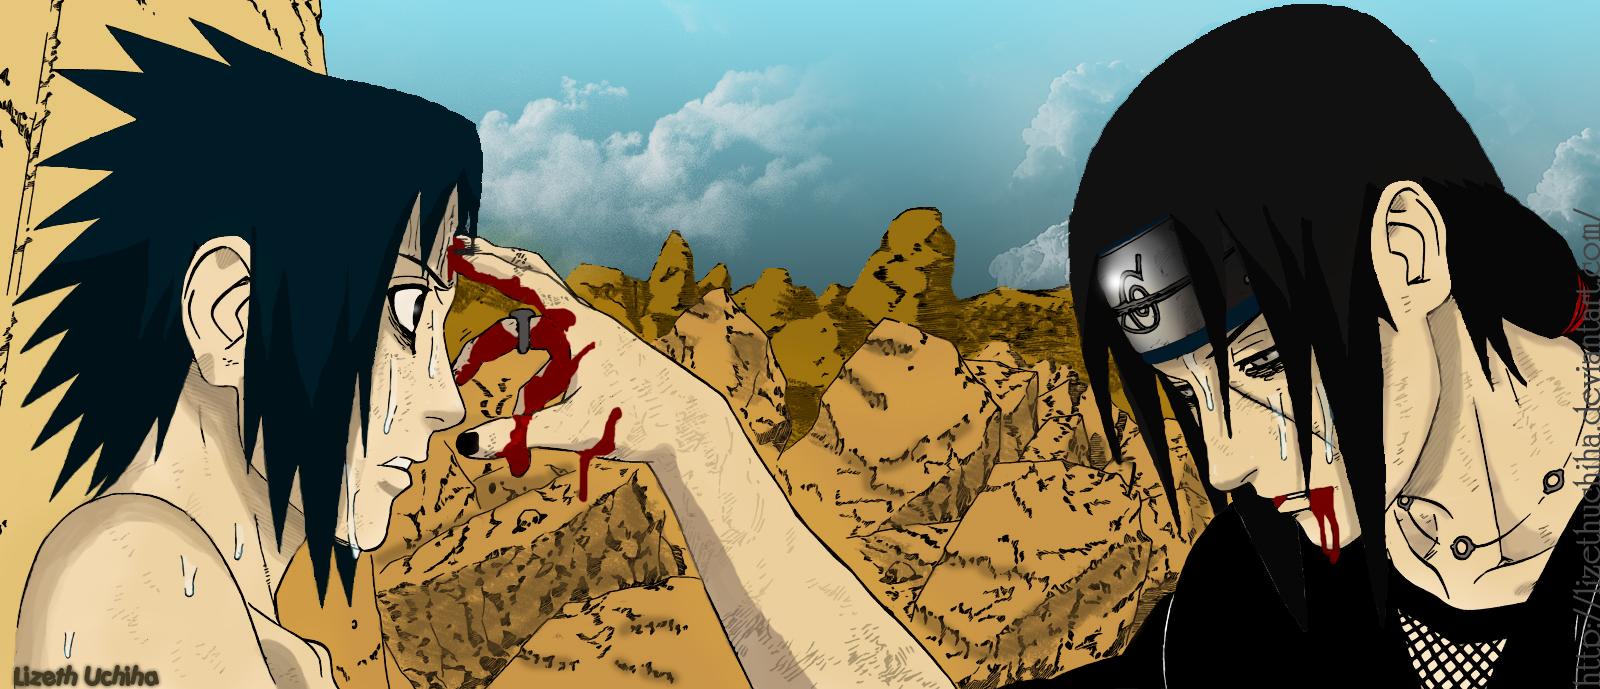 Sasuke+vs+itachi+wallpaper